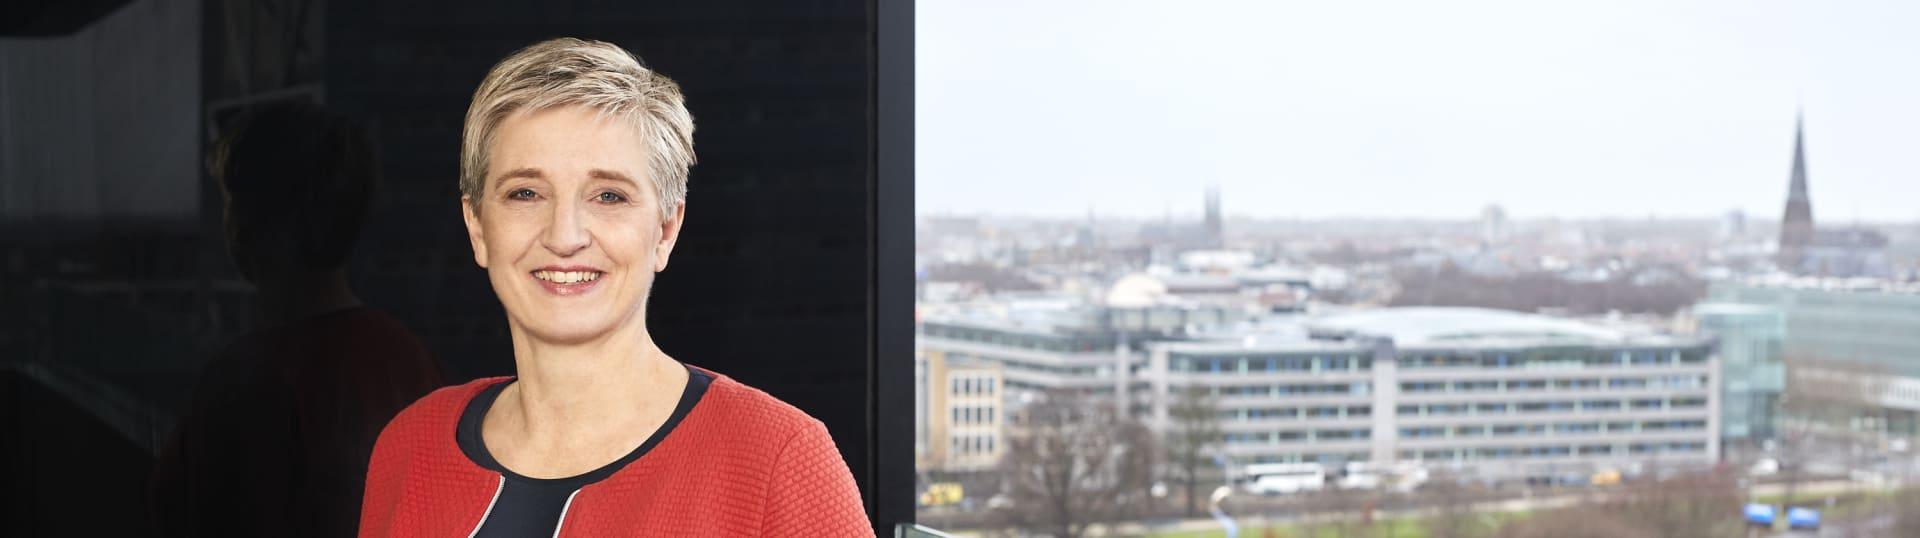 Janneke Verburg, KSL Pels Rijcken